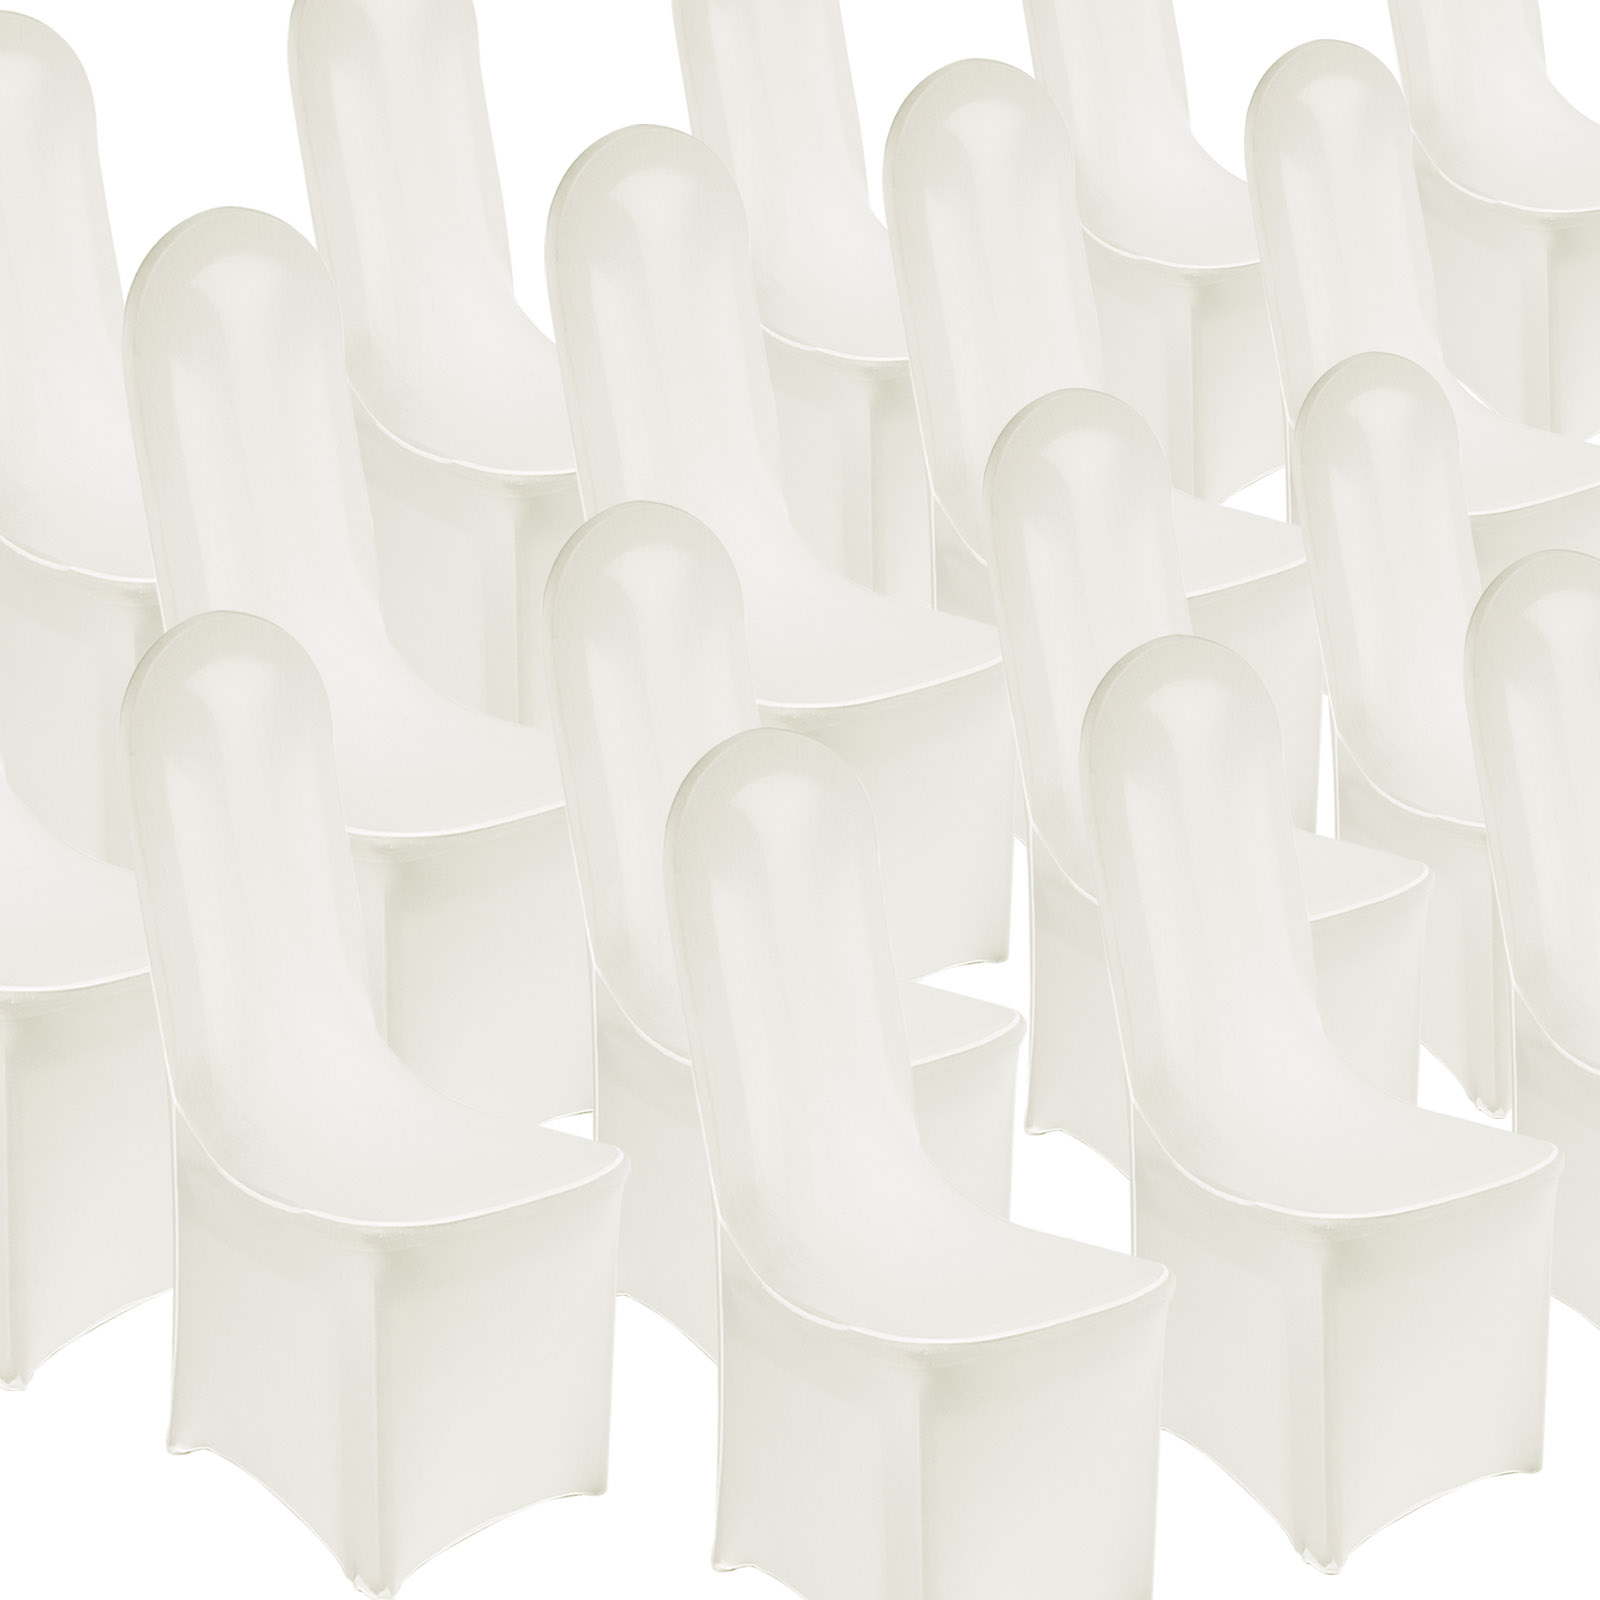 stuhlhusse husse strechhusse stuhlbezug stuhl berzug weiss 1 100 st ck ebay. Black Bedroom Furniture Sets. Home Design Ideas